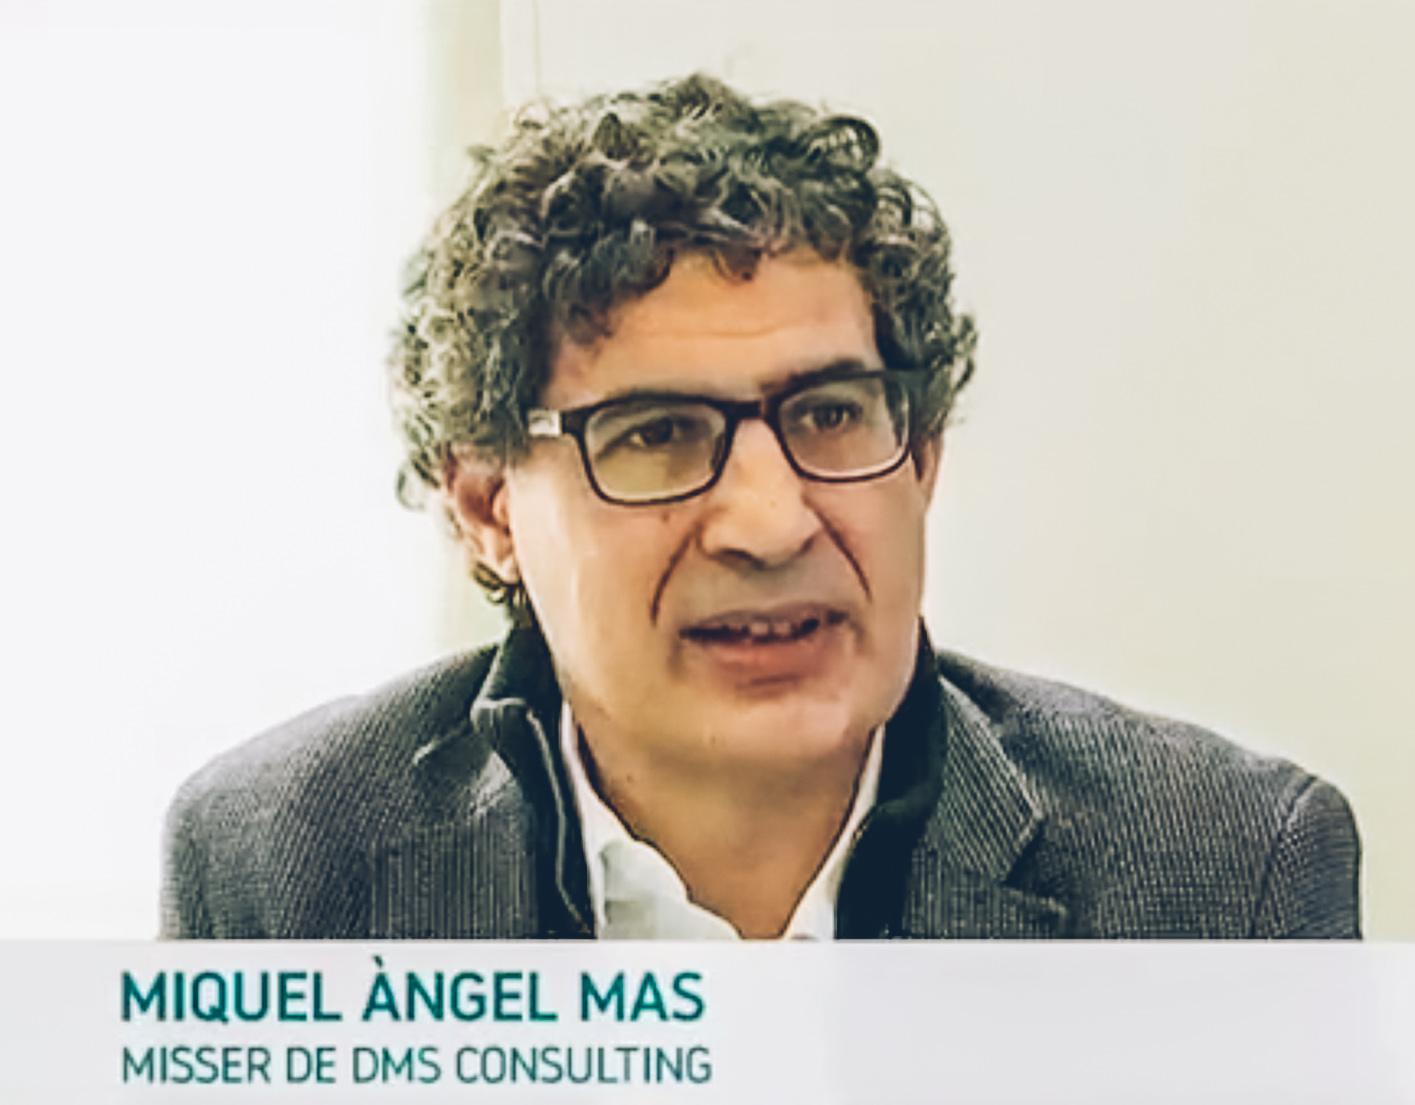 Els informatius d'IB3 consulten a Miquel Àngel Mas sobre la nova llei agrària